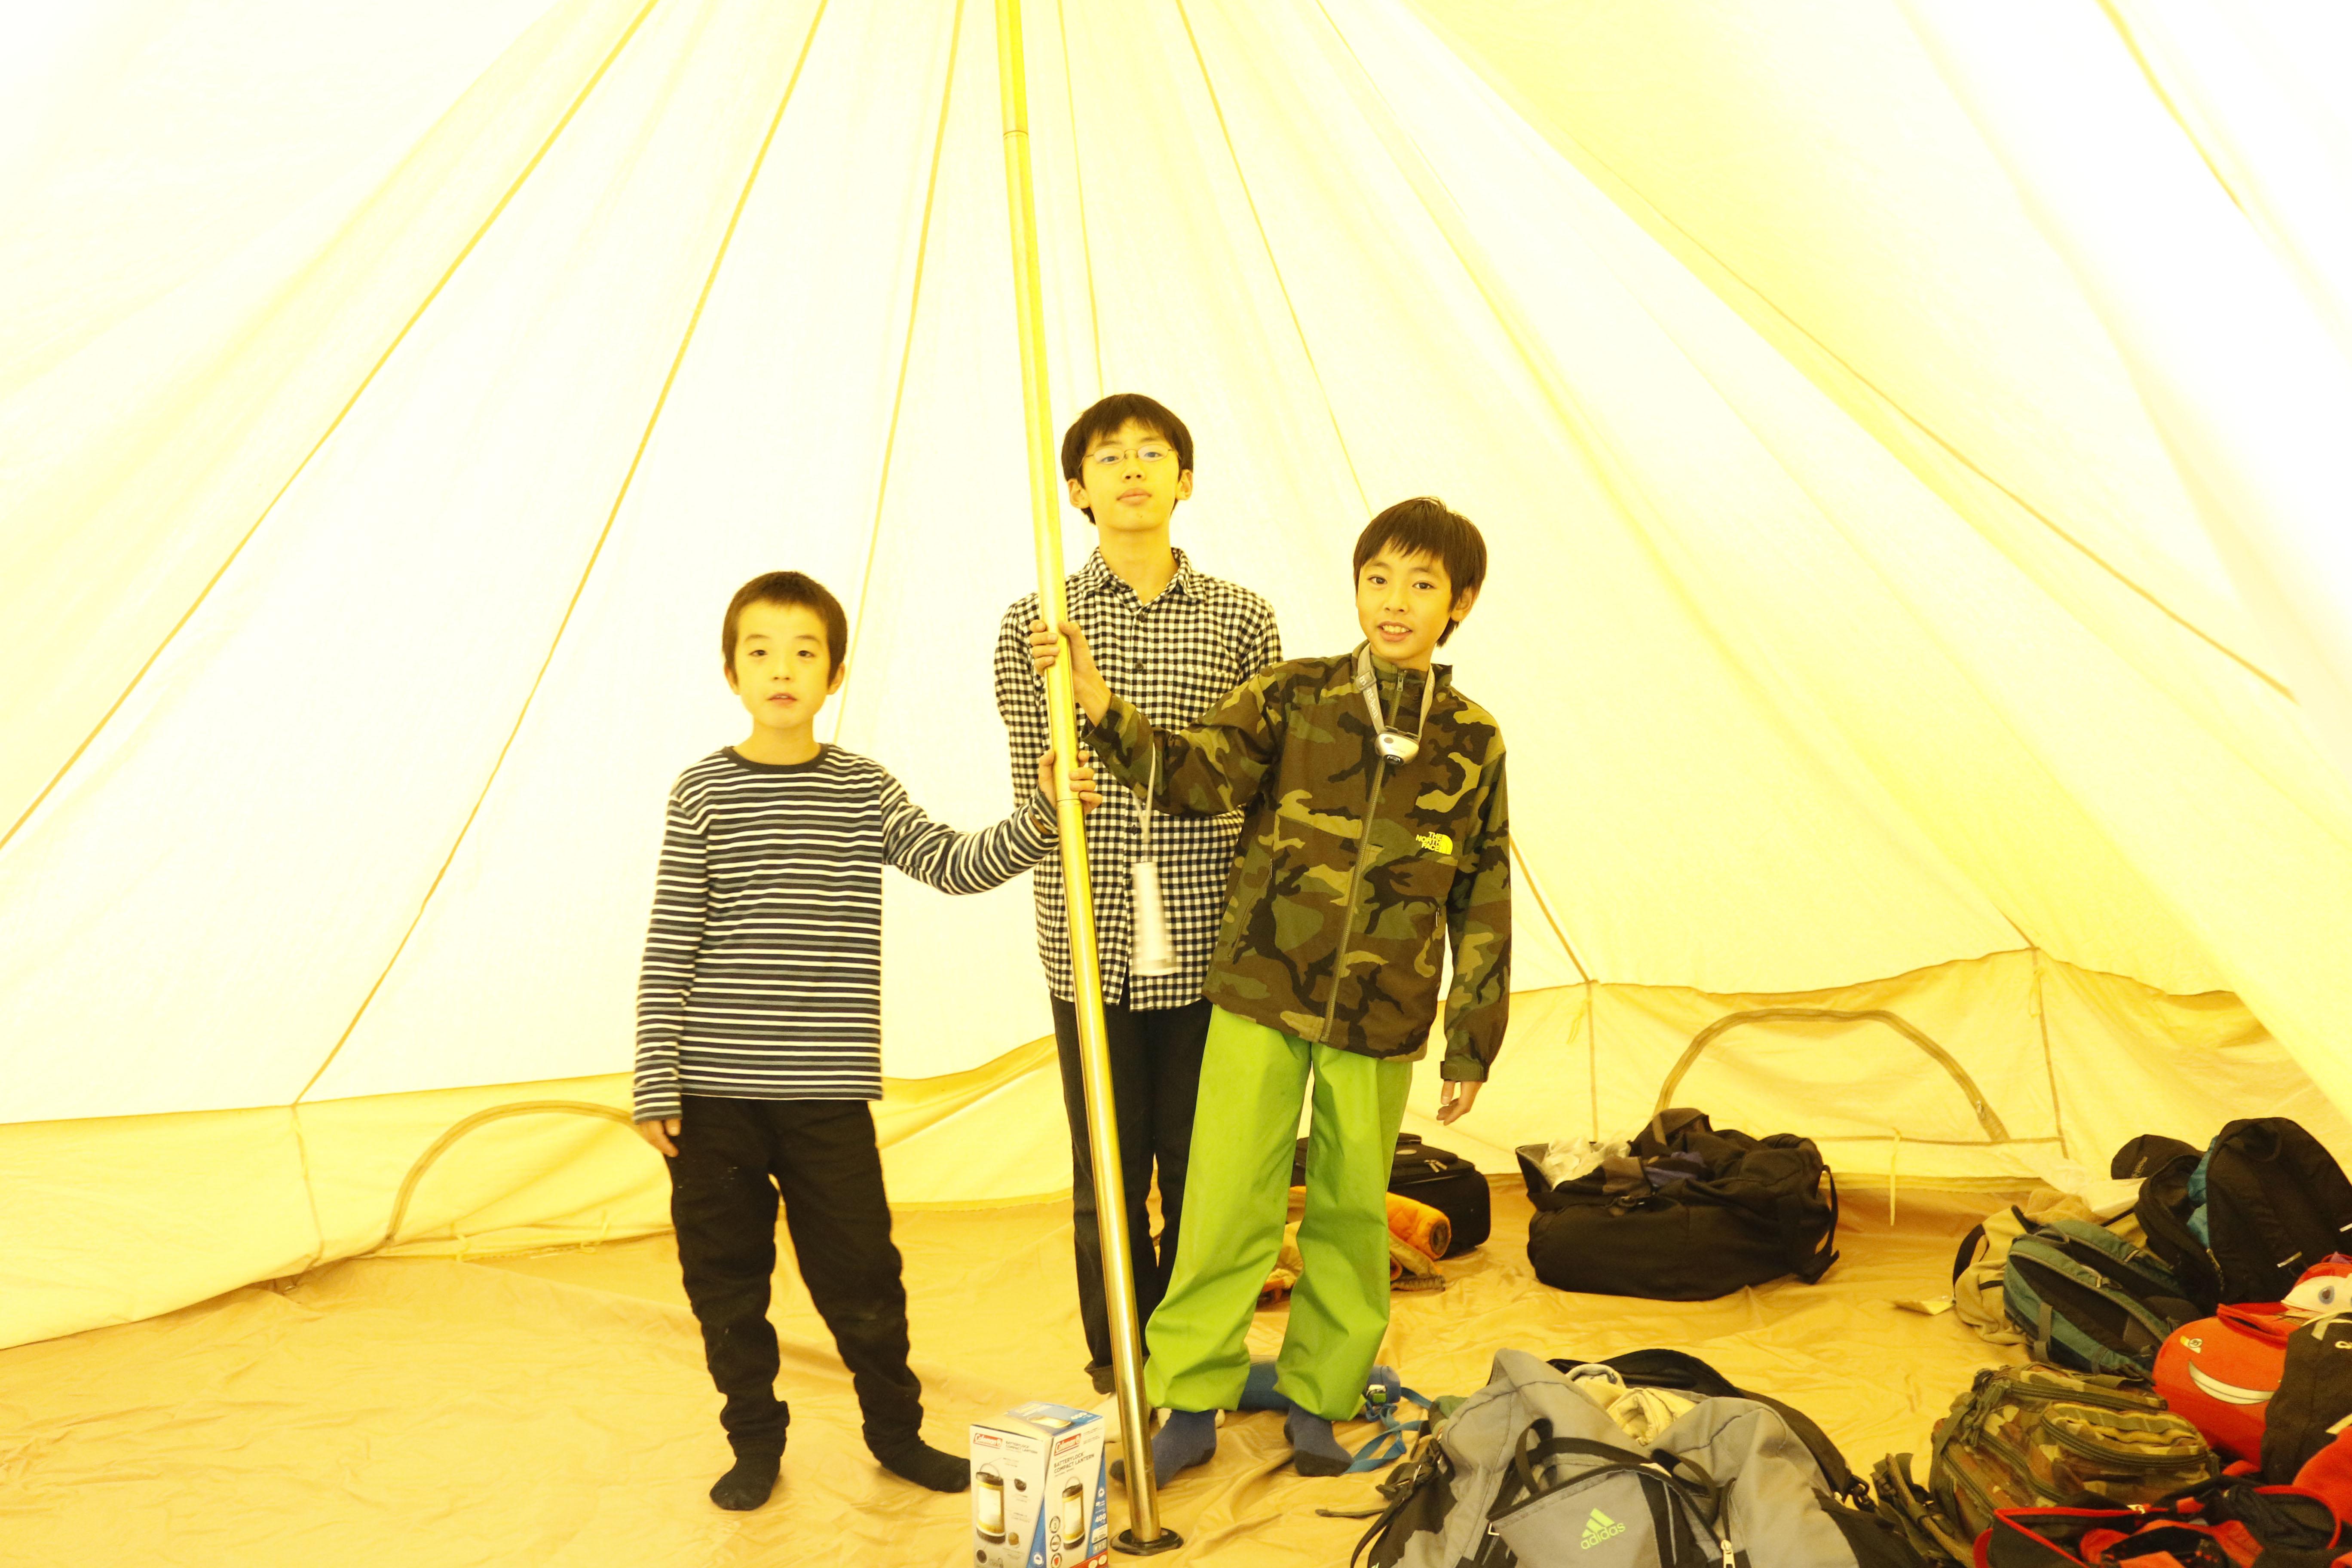 テントはとても広いです